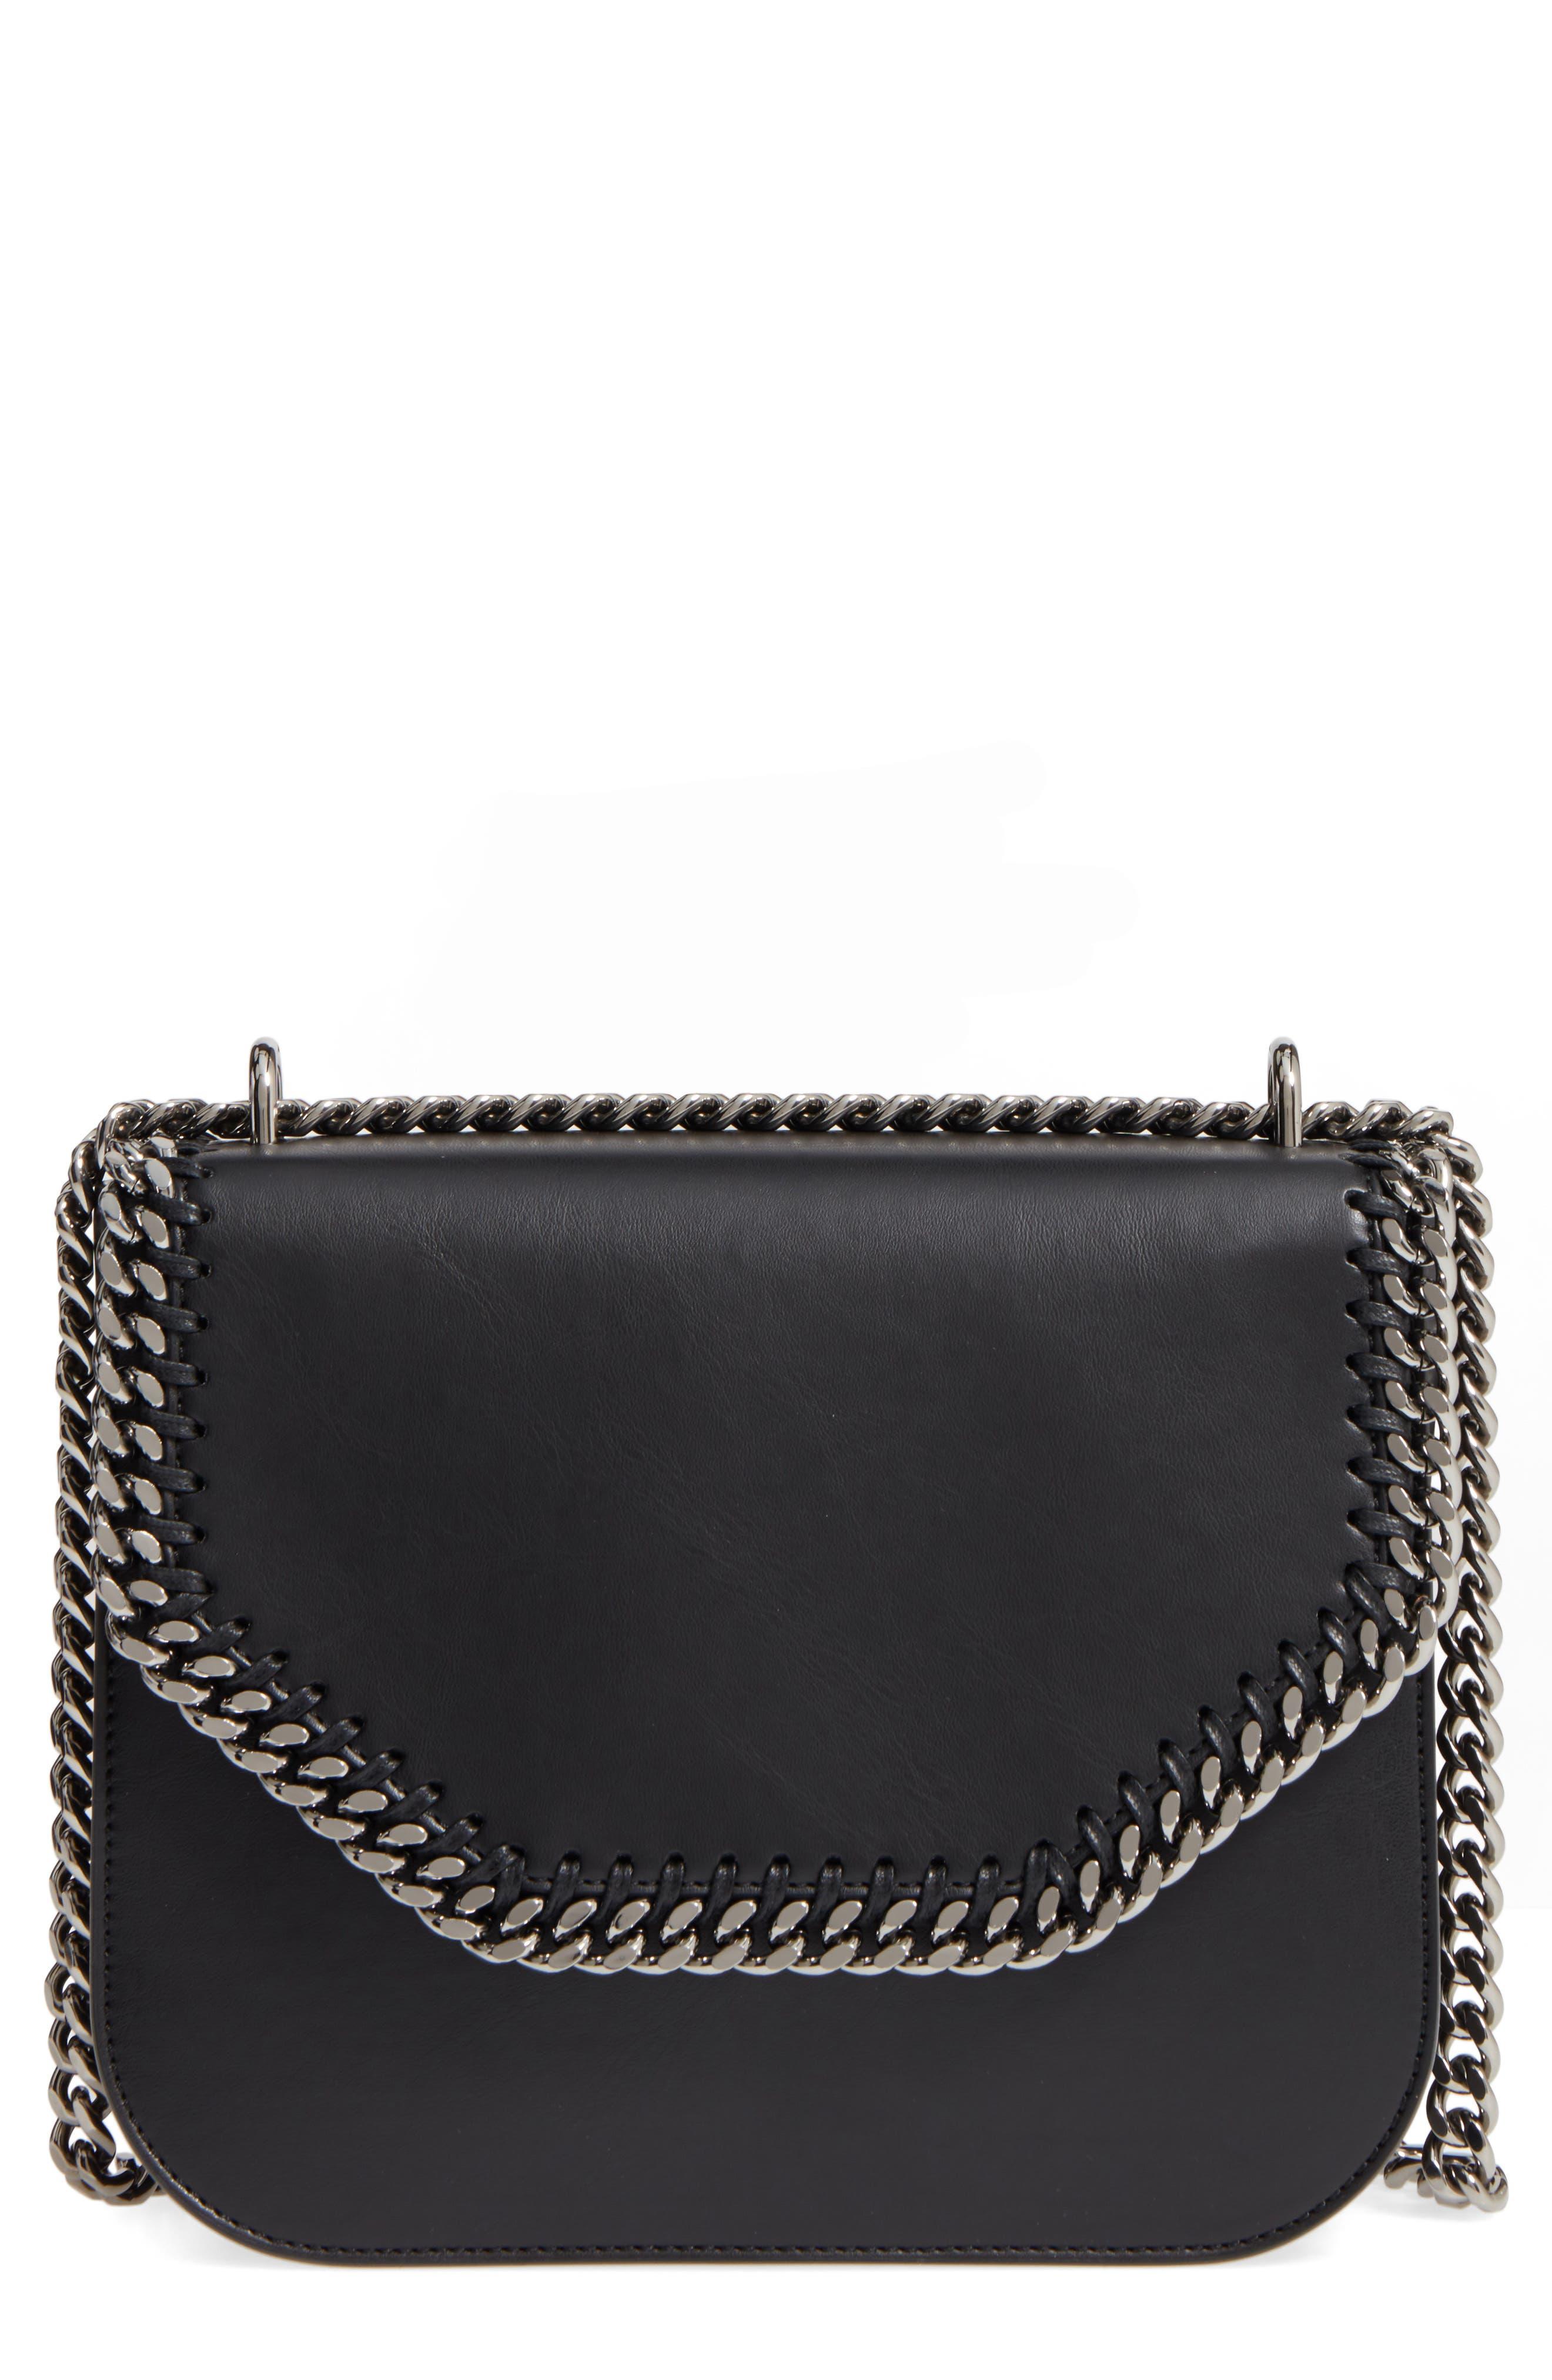 STELLA MCCARTNEY Falabella Box Faux Leather Crossbody Bag